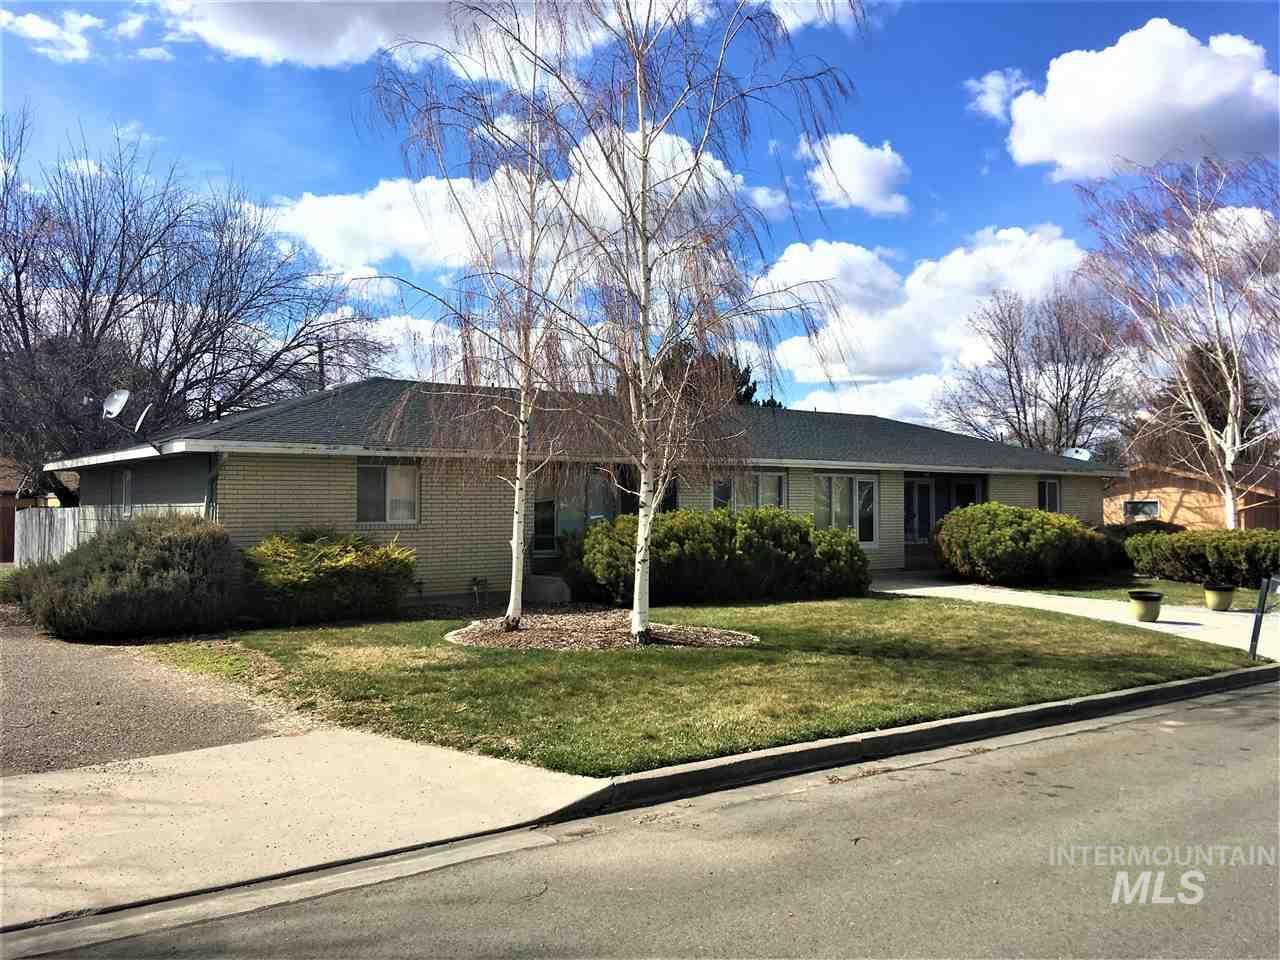 641 Rimview Drive, Twin Falls, ID 83301